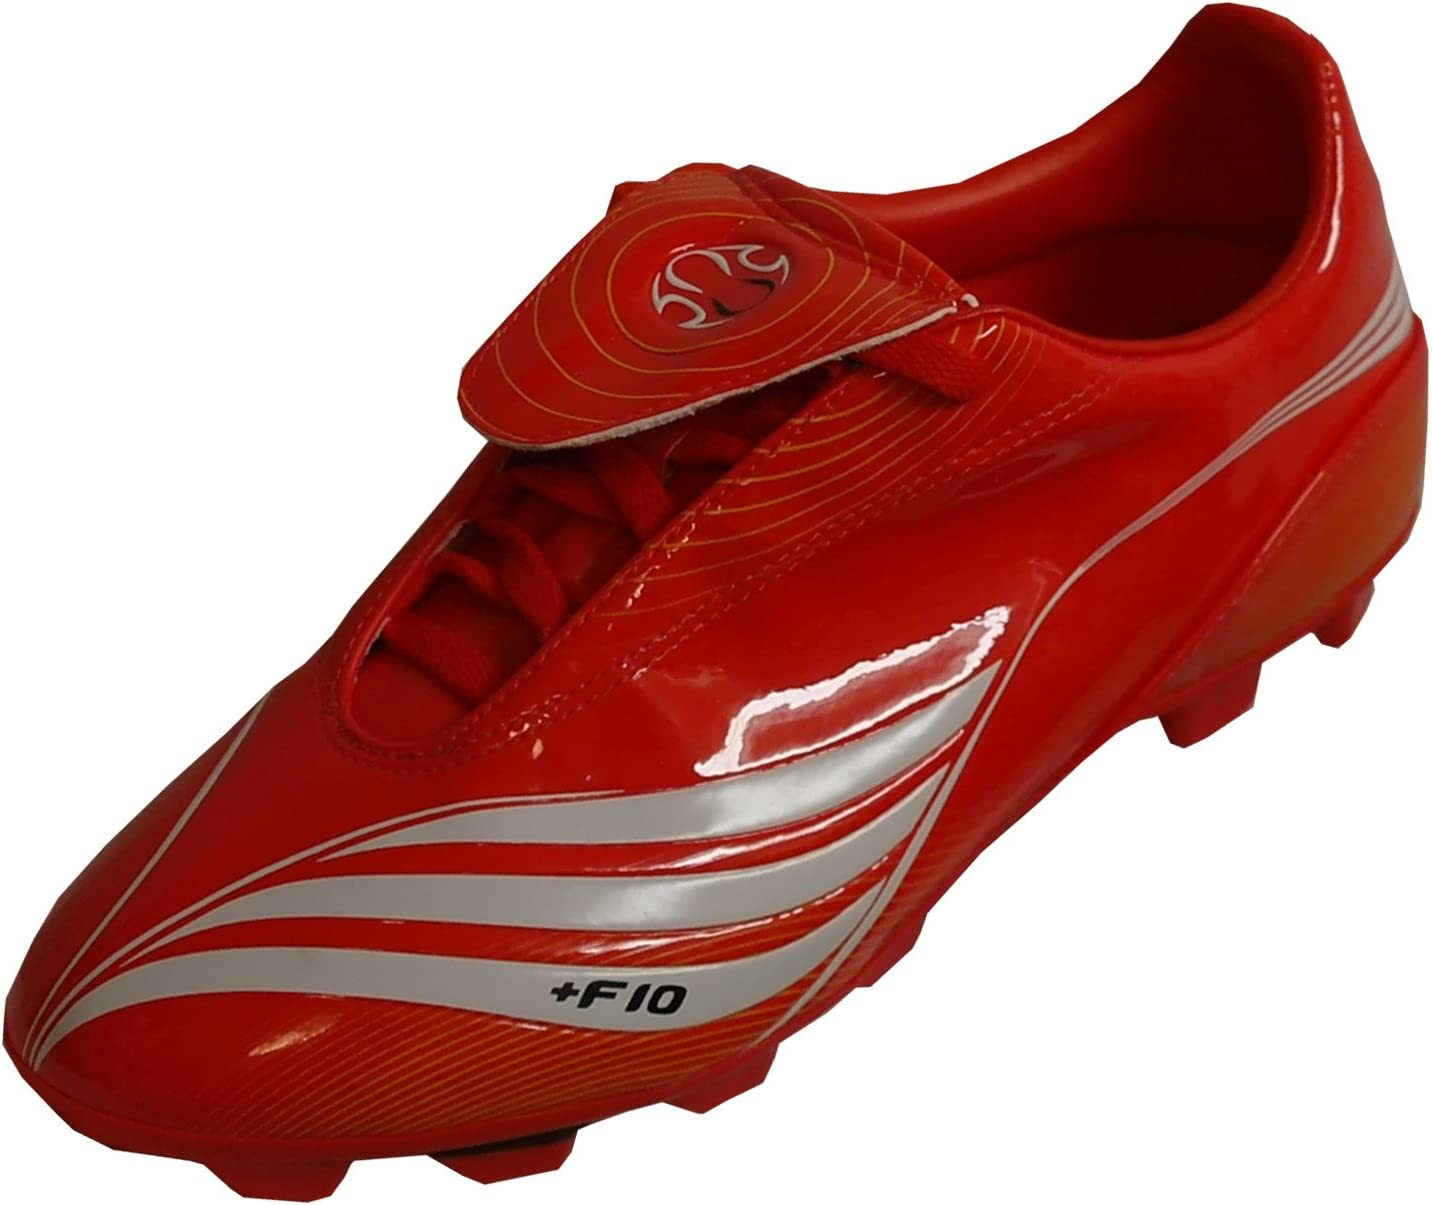 Adidas + F10, 7 TRX FG J para niños Botas de fútbol, Modelo ...